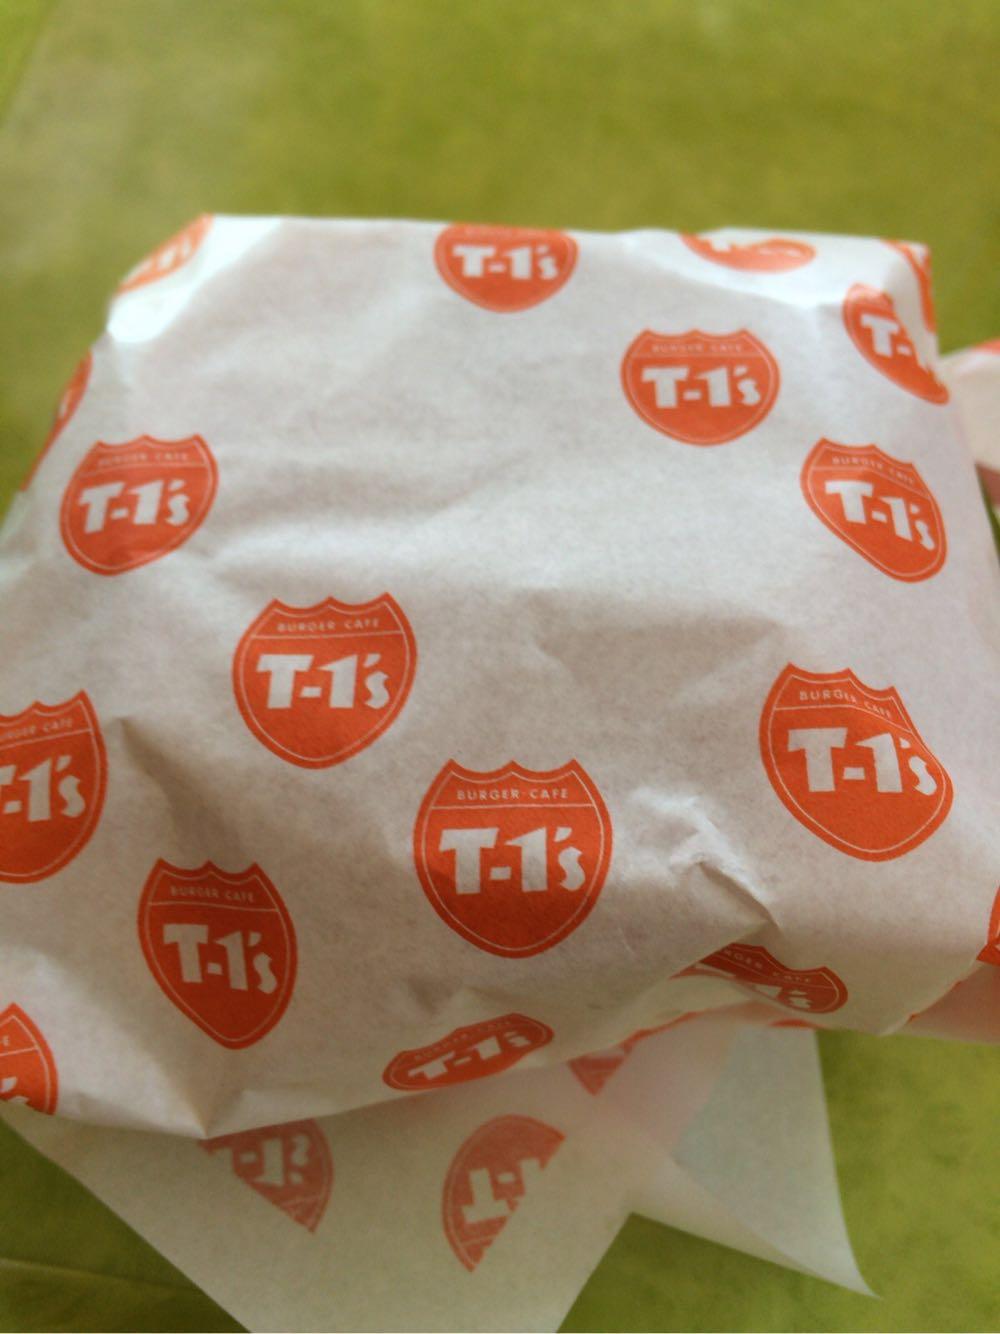 【食べ物・お店】T-1's バーガーカフェ:ボサノバの流れるハンバーガー屋さん